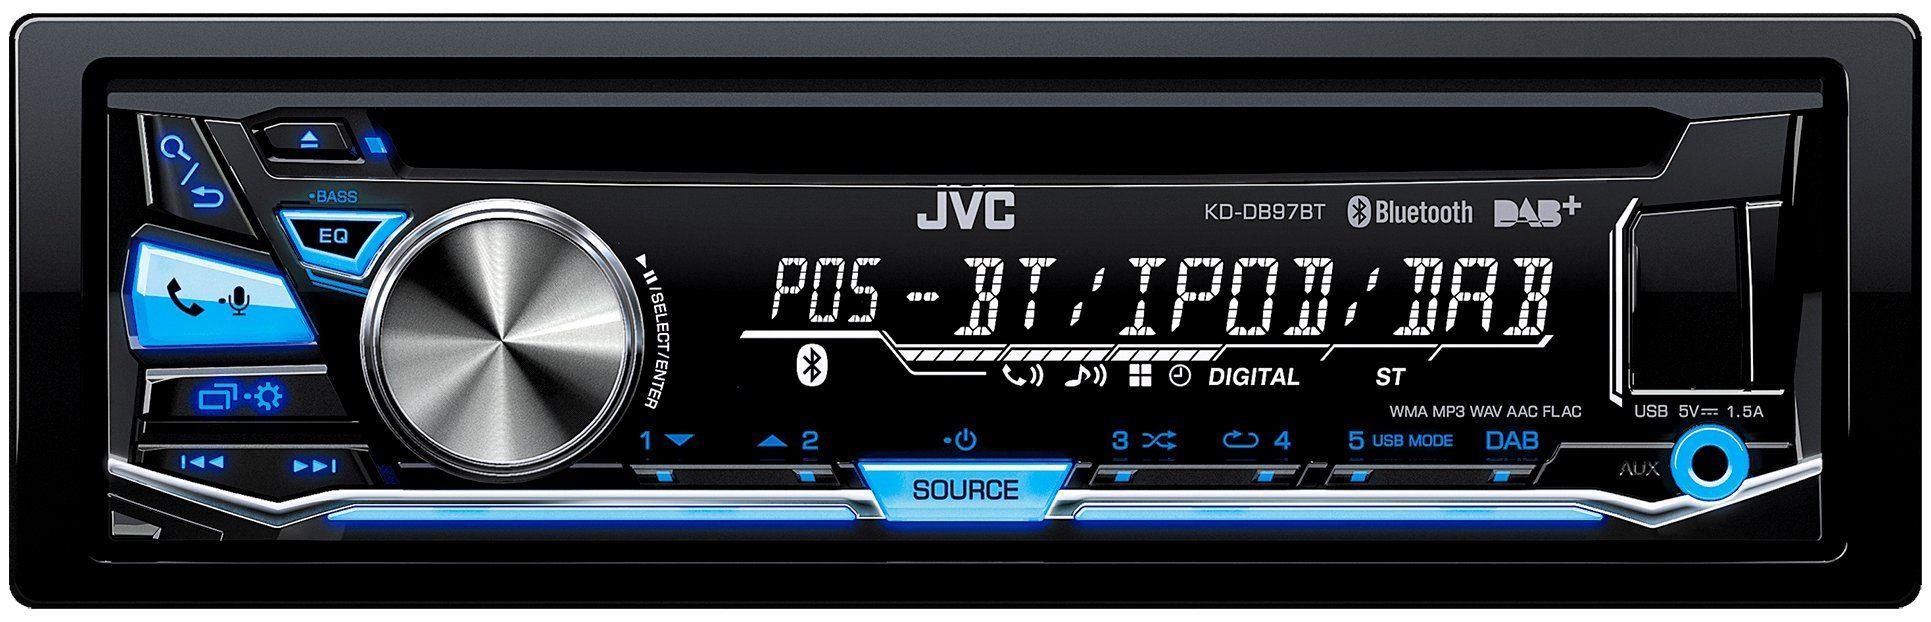 JVC 1-DIN USB / CD-Receiver mit DAB+ & Bluetooth »KD-DB97BT«